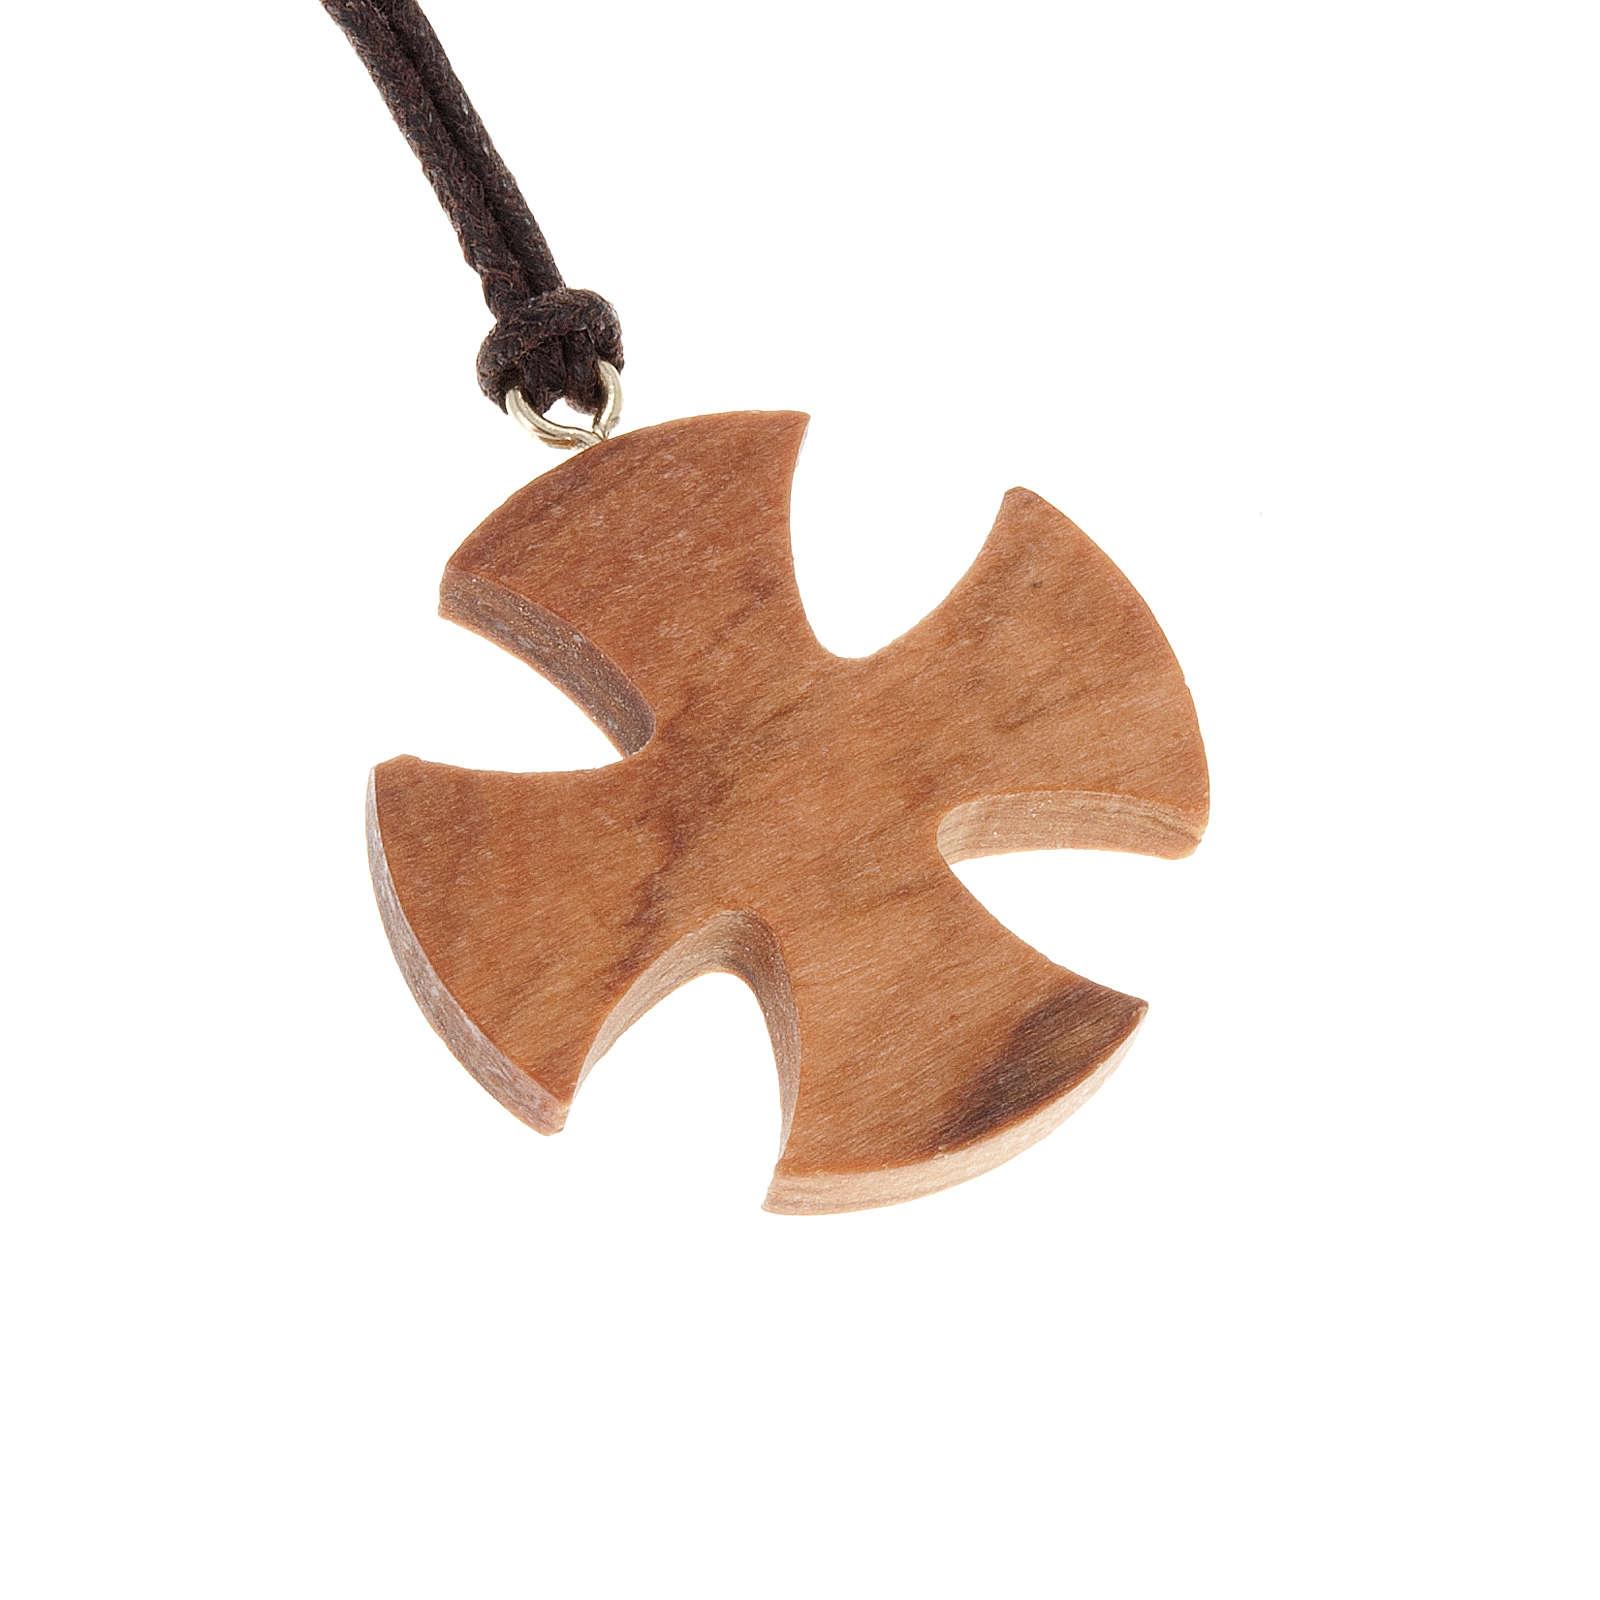 Anhänger Kreuz von Malta 3,5x3,5cm 4